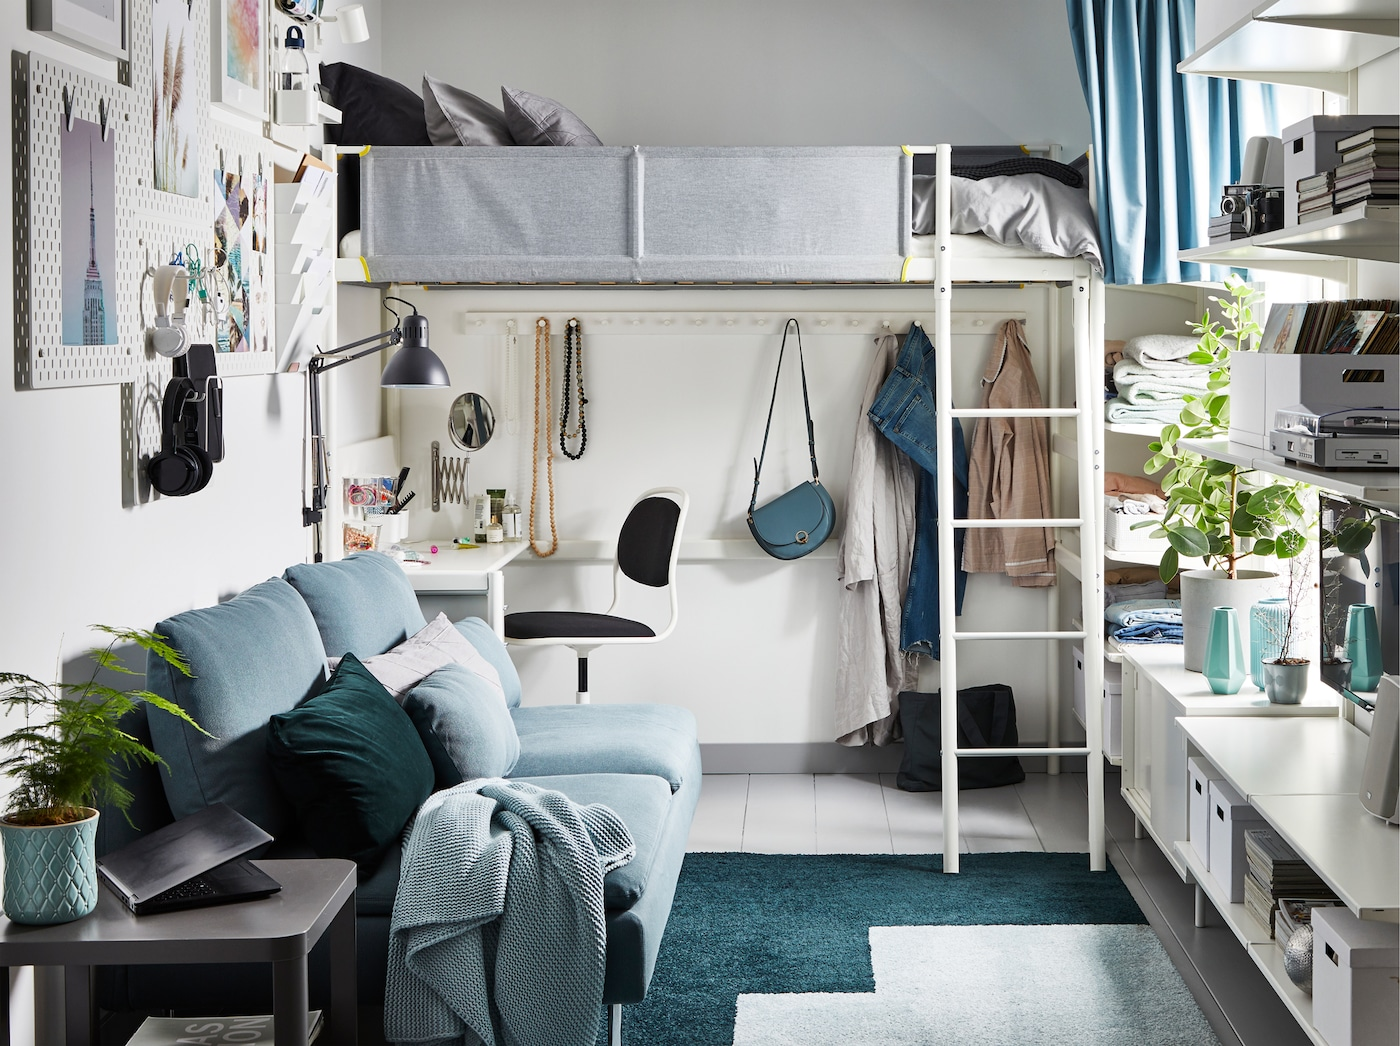 Um pequeno estúdio em tons de cinzento, verde e branco, com uma cama alta e secretária por baixo.